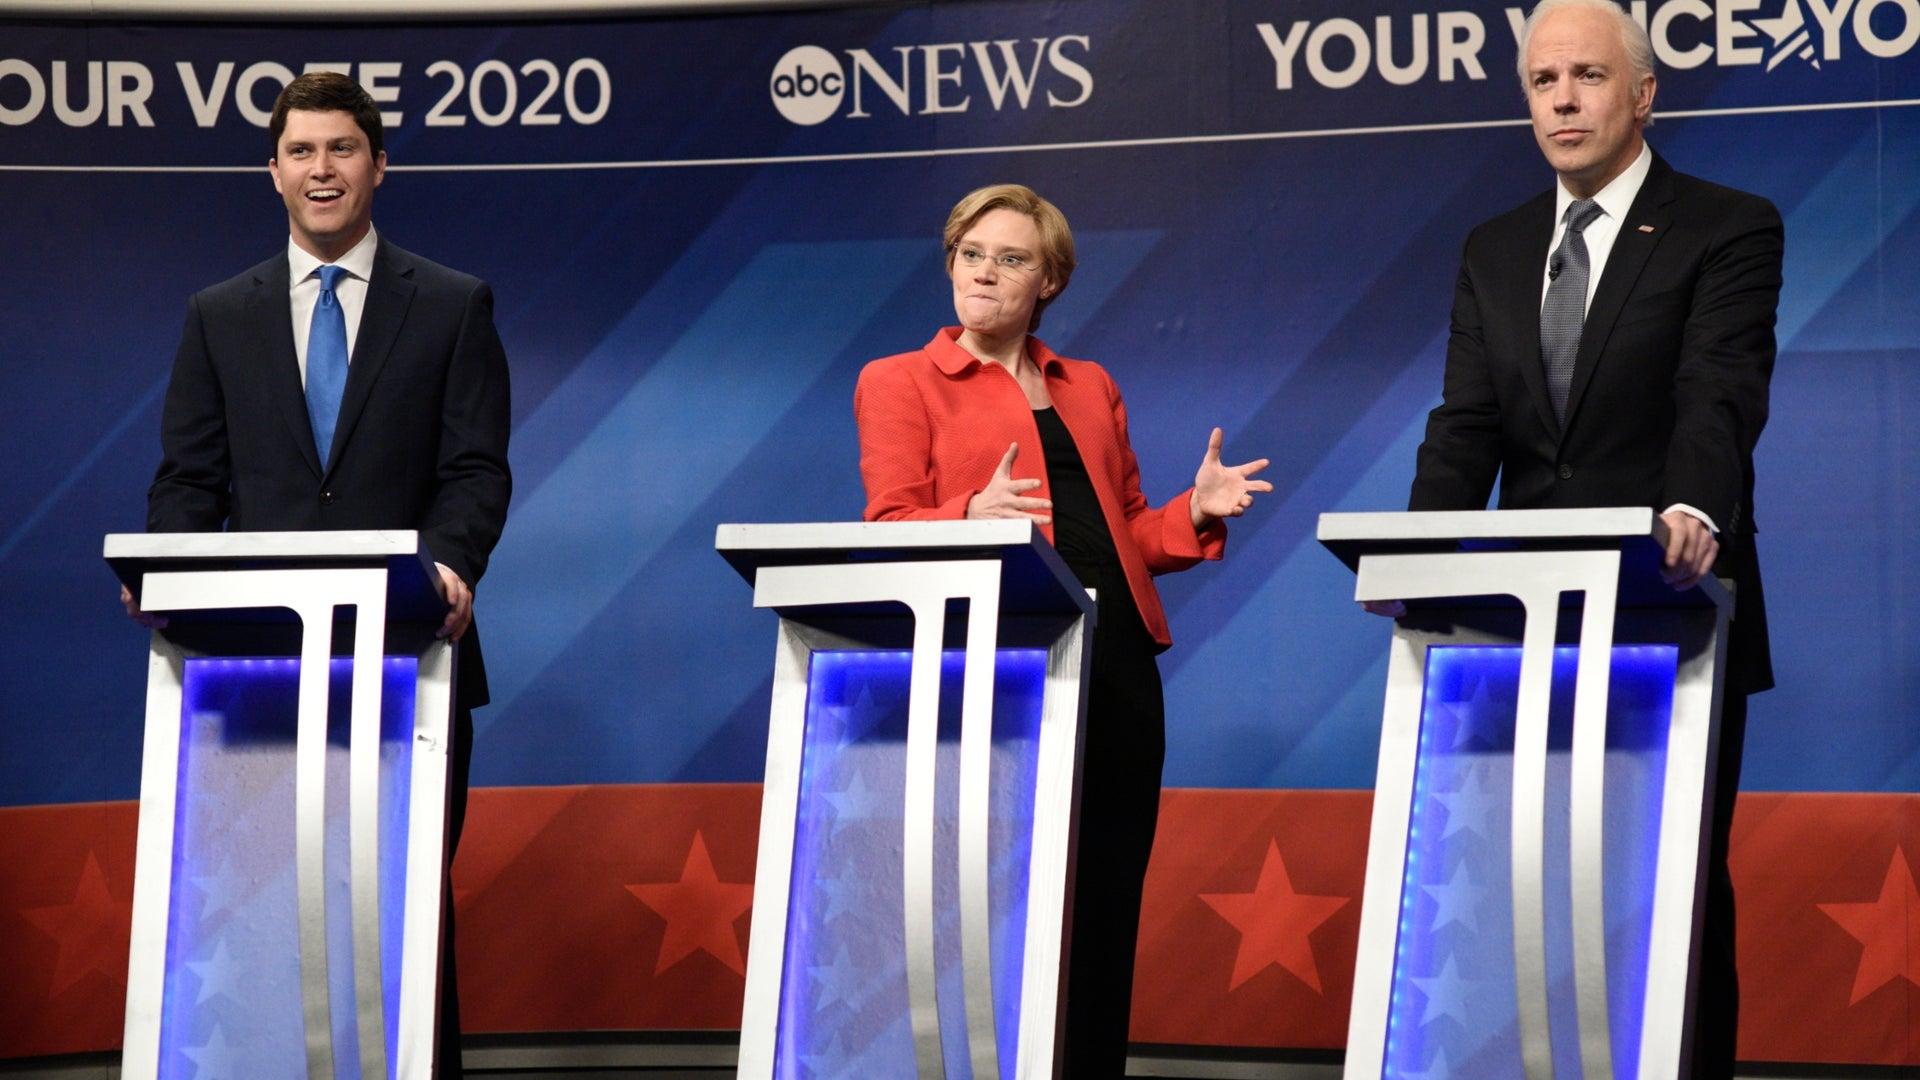 Colin Jost, Kate McKinnon, and Jason Sudeikis, Saturday Night Live